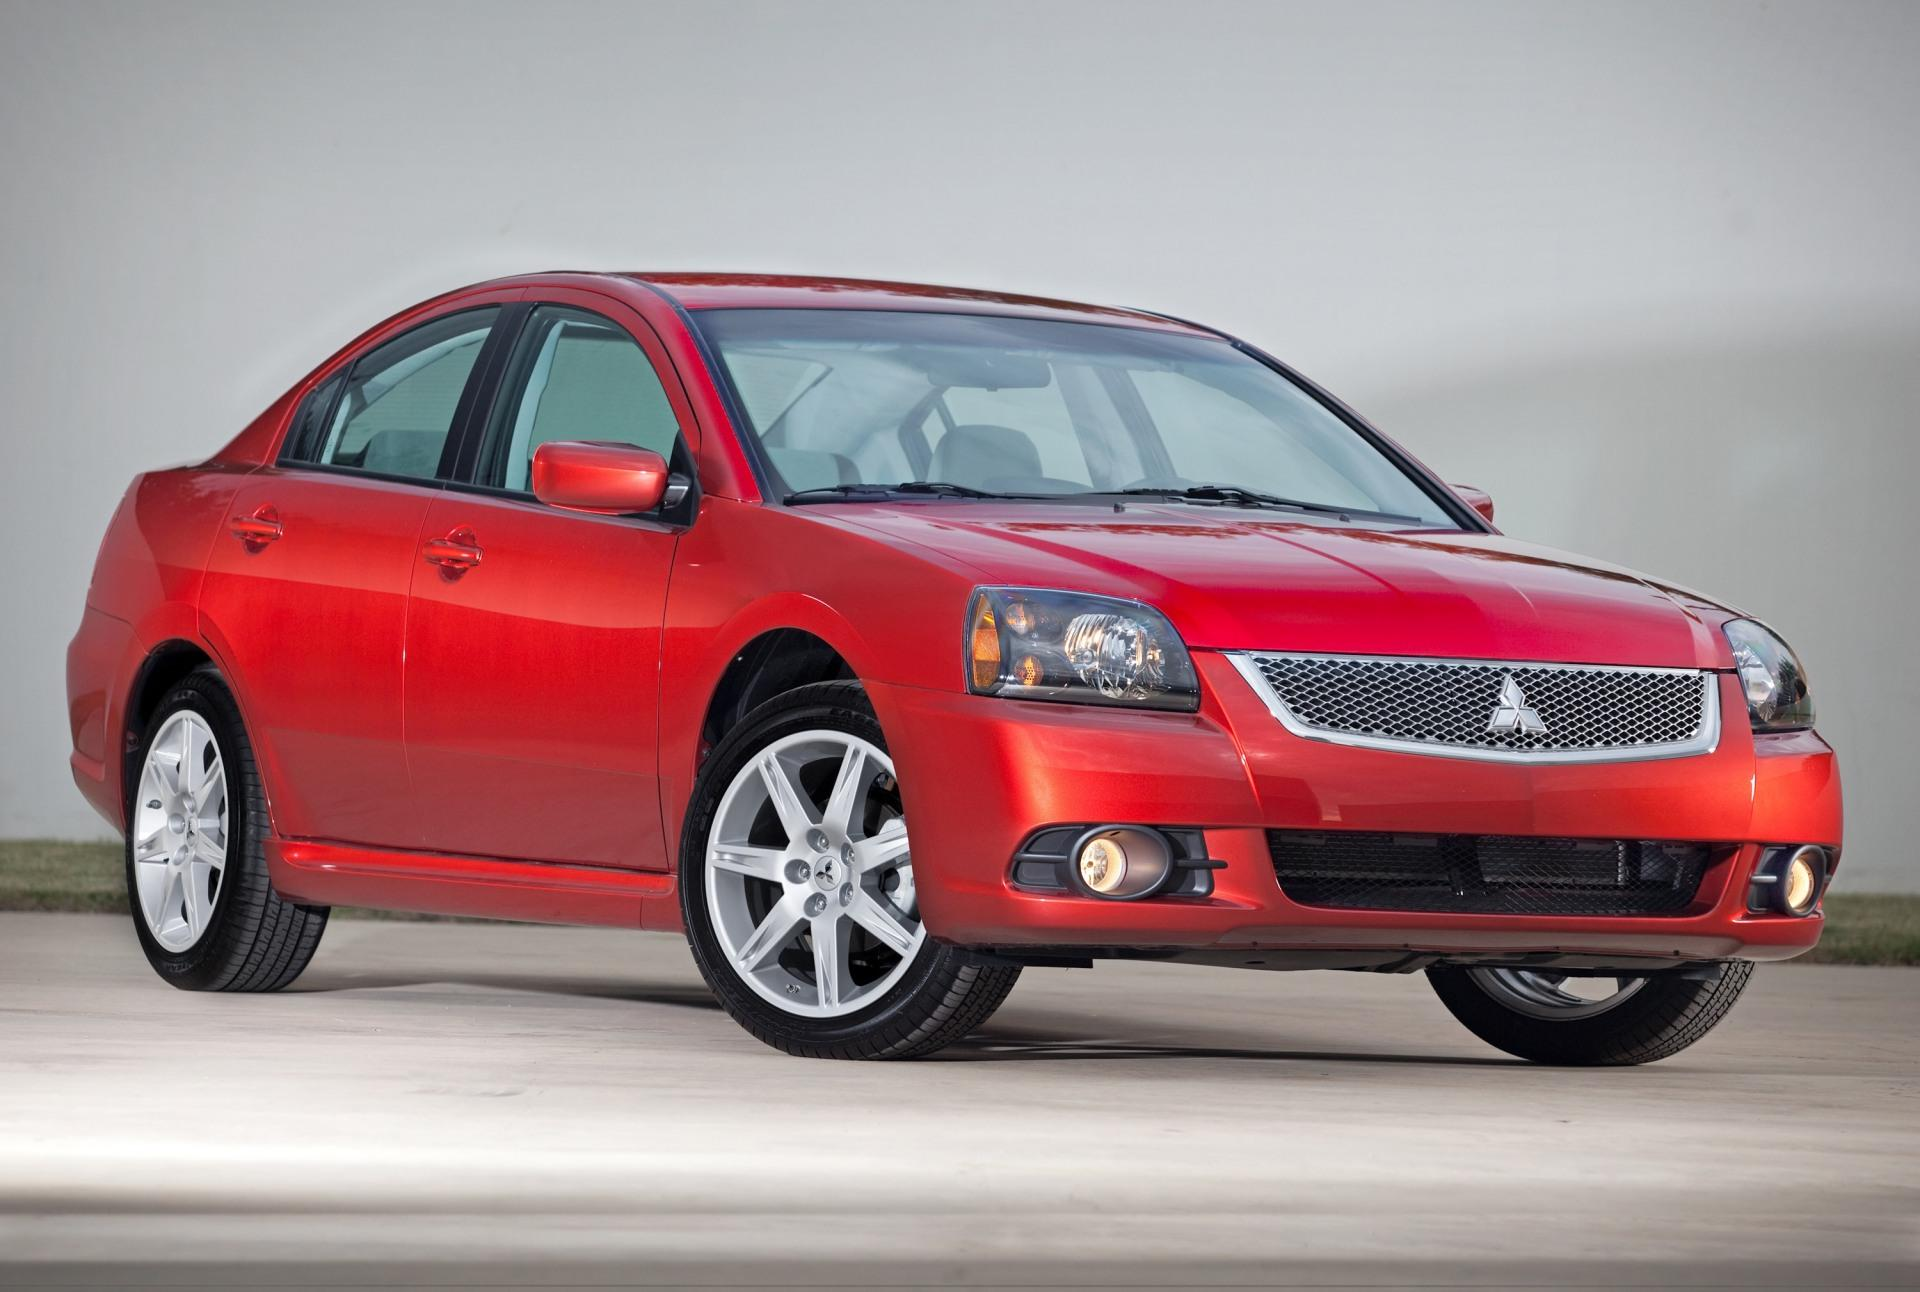 2010 Mitsubishi Galant Conceptcarz Com